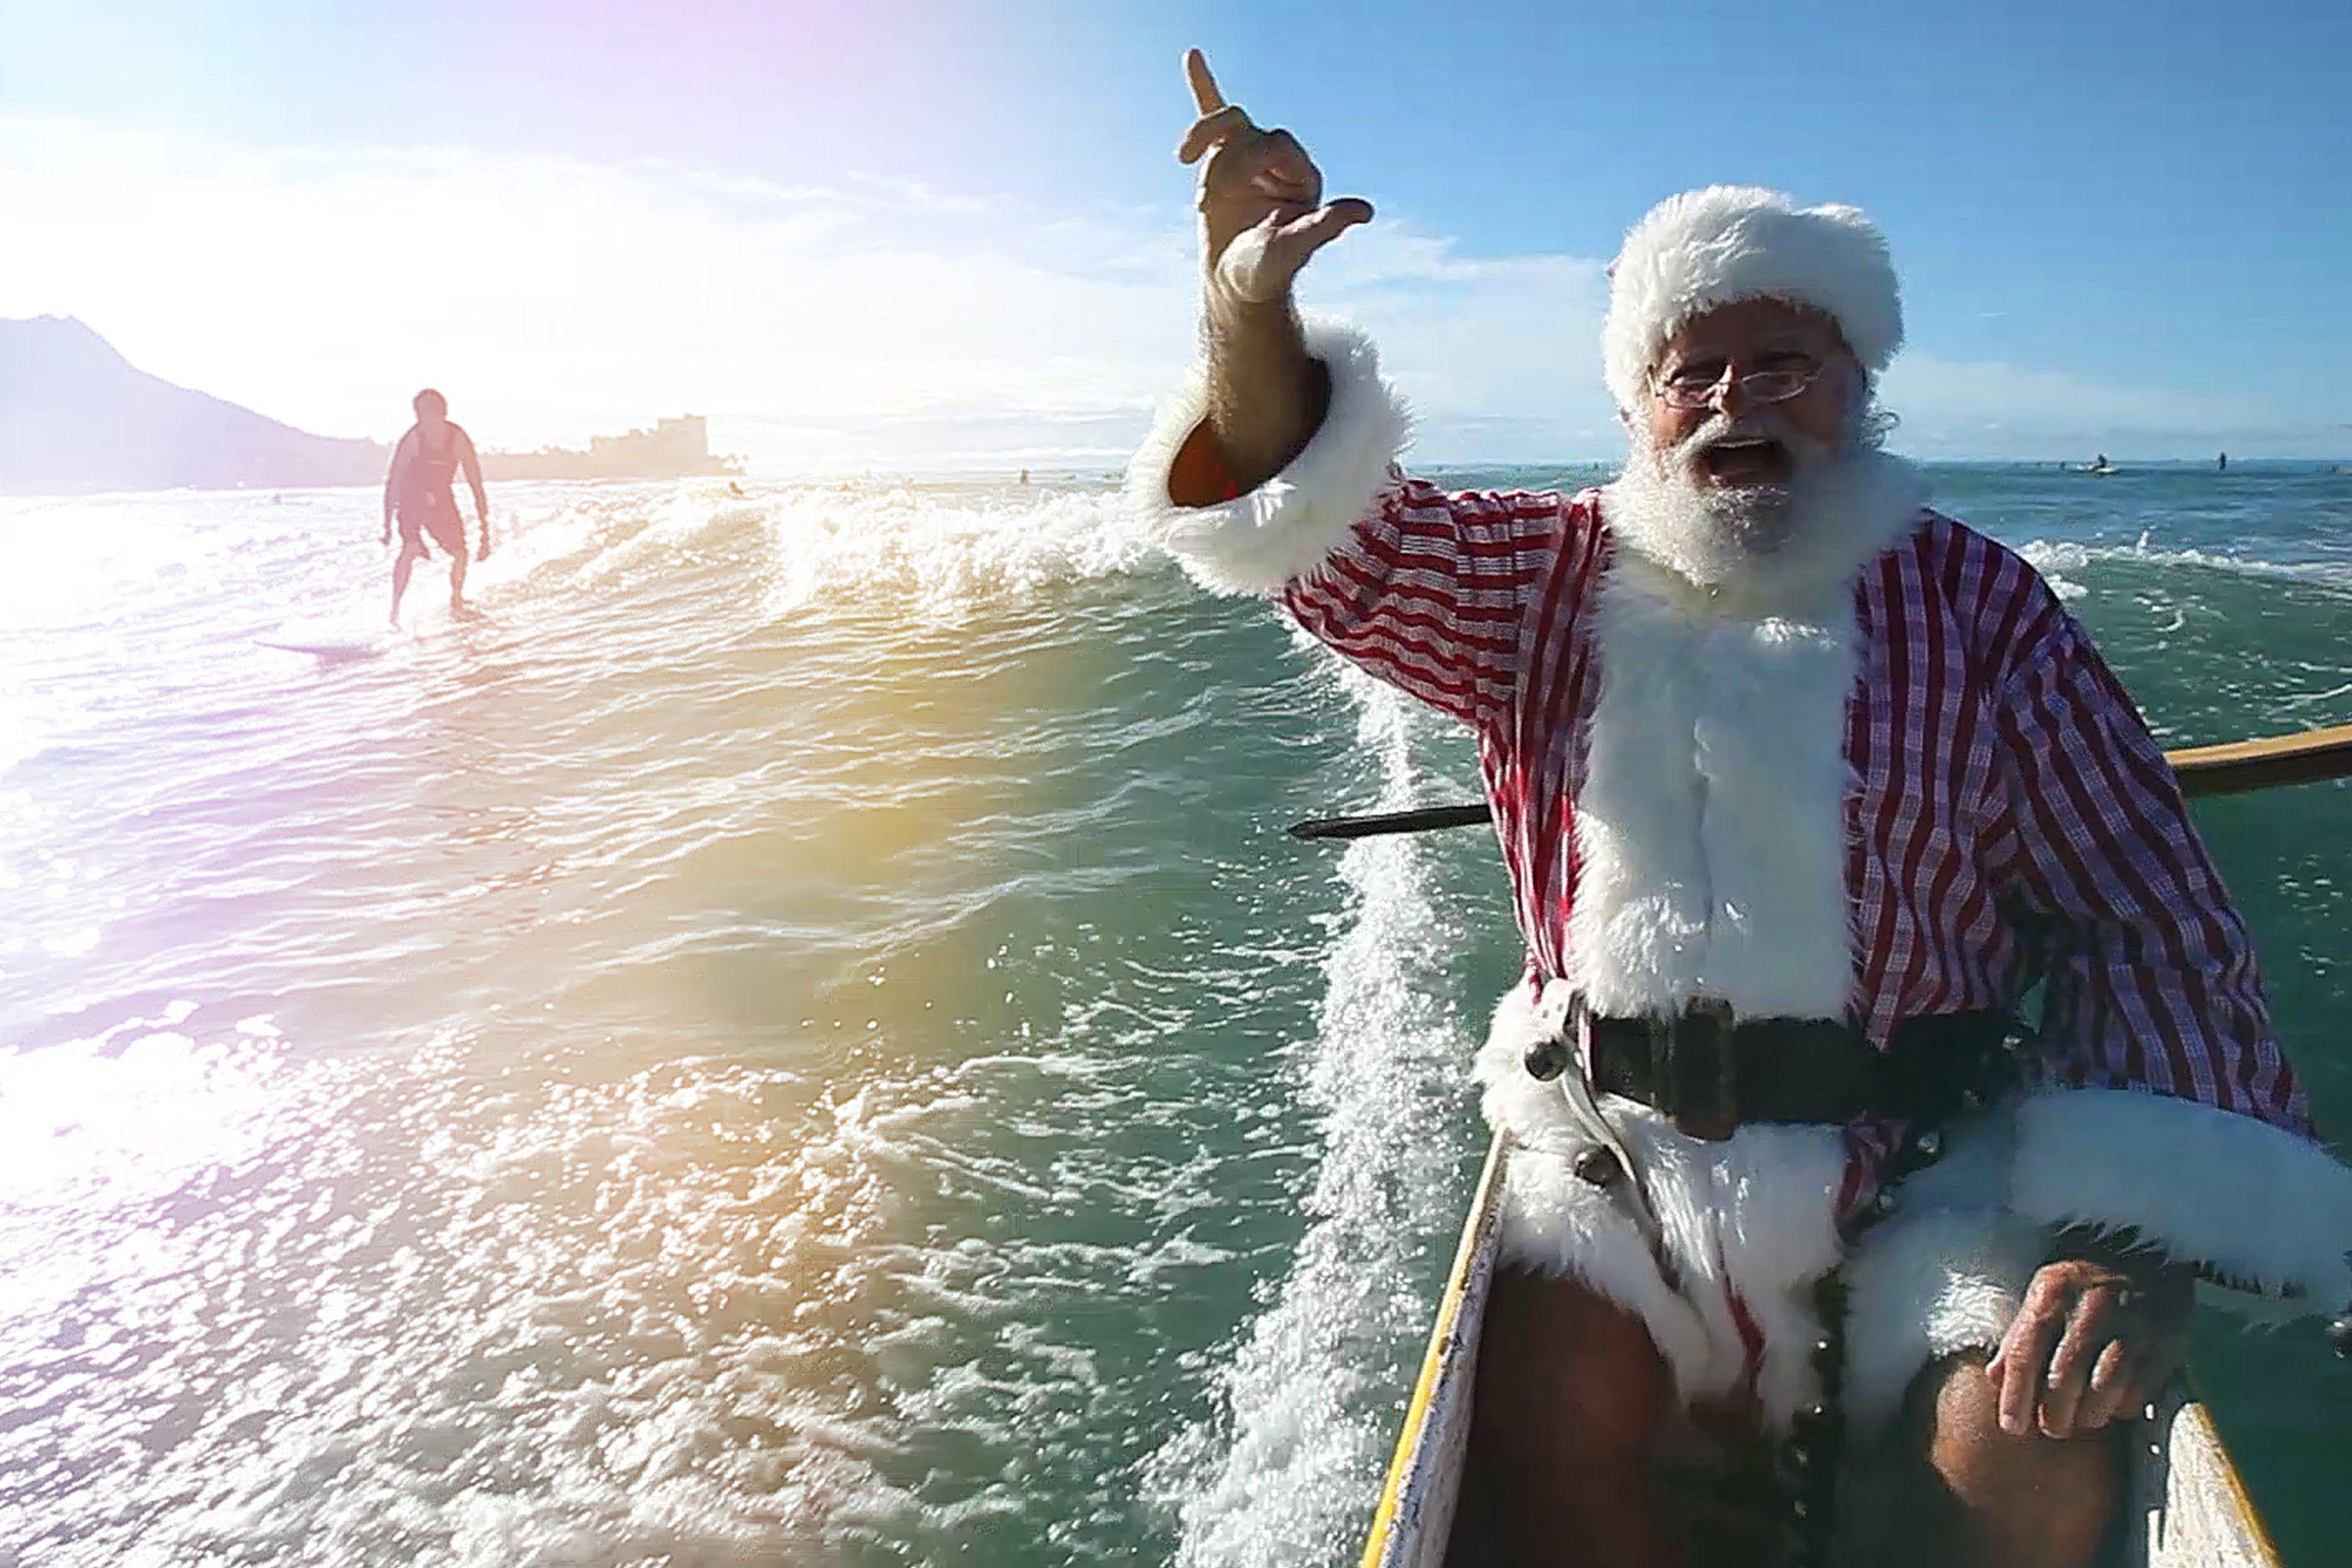 Santa catching waves